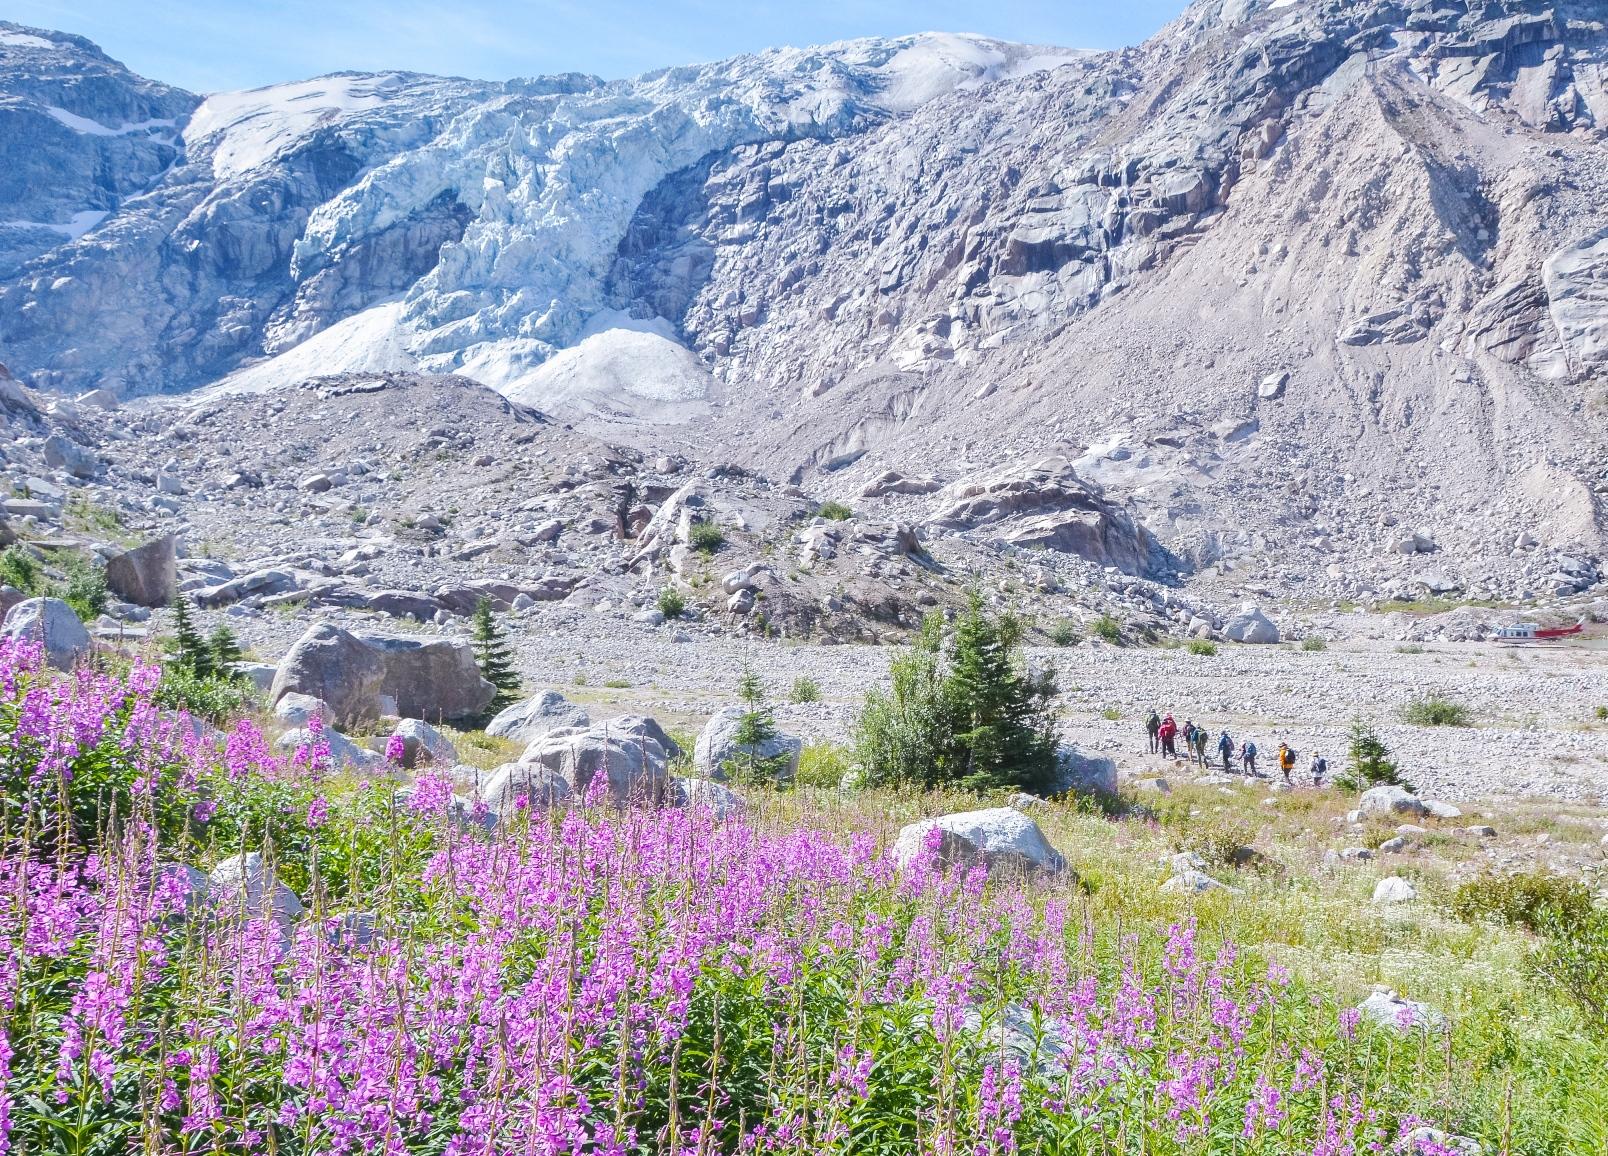 2つの山上のロッジに泊まる極上の山旅 CMHパノラマ・ヘリ・ハイキング 10日間